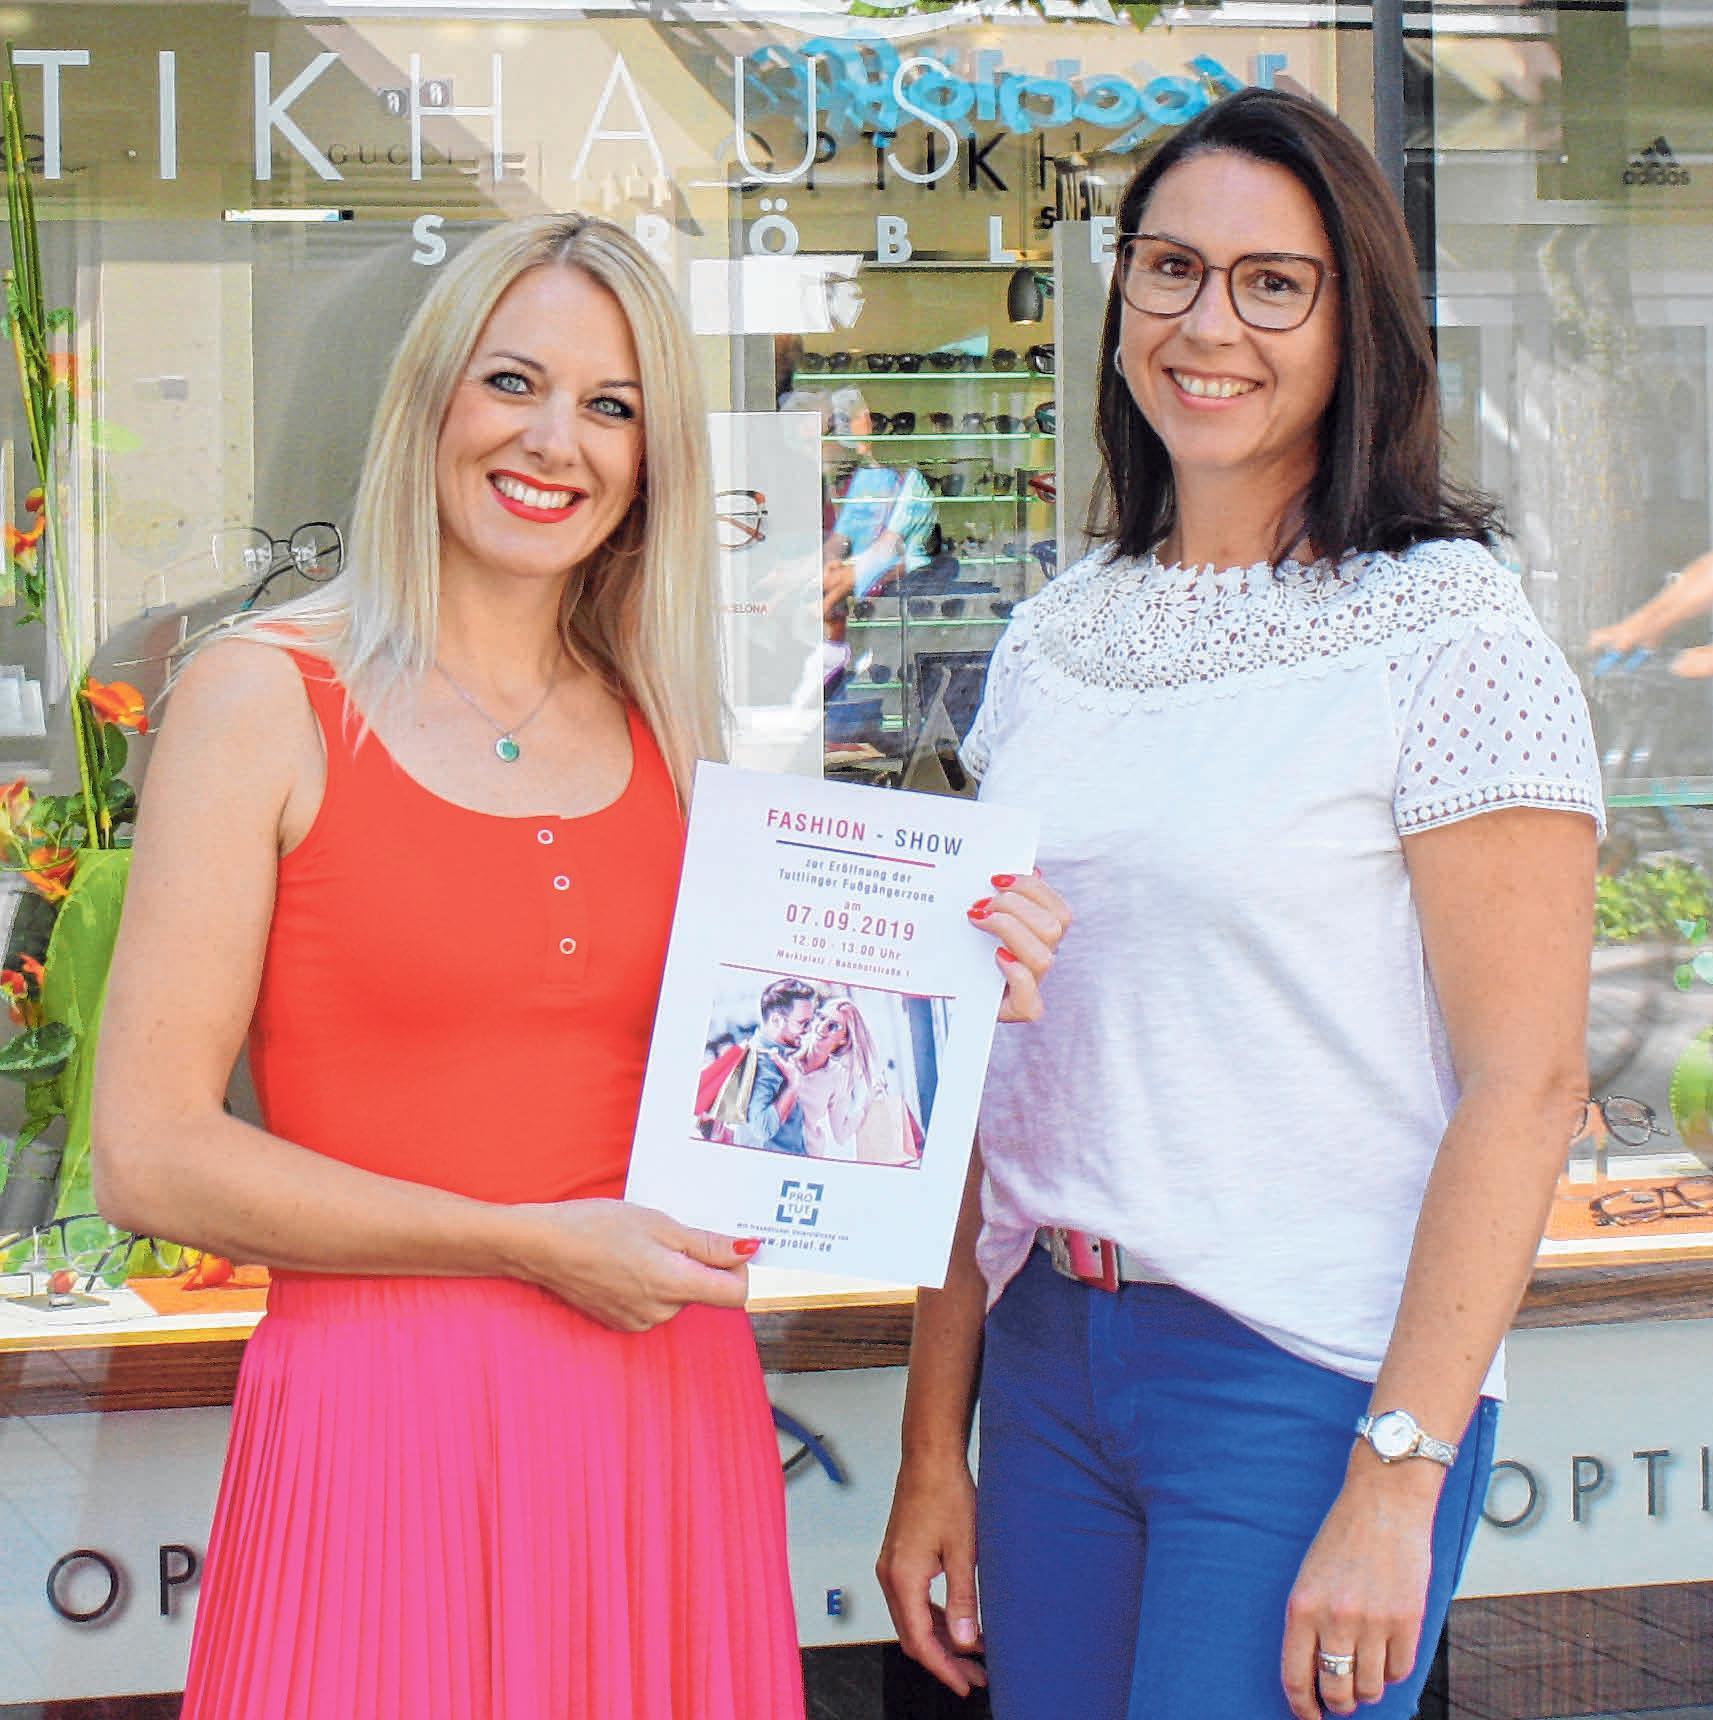 Katja Braun und Diana Ströble (v.l.) organisieren eine Modenschau zur Einweihung der Tuttlinger Fußgängerzone. FOTO: PM